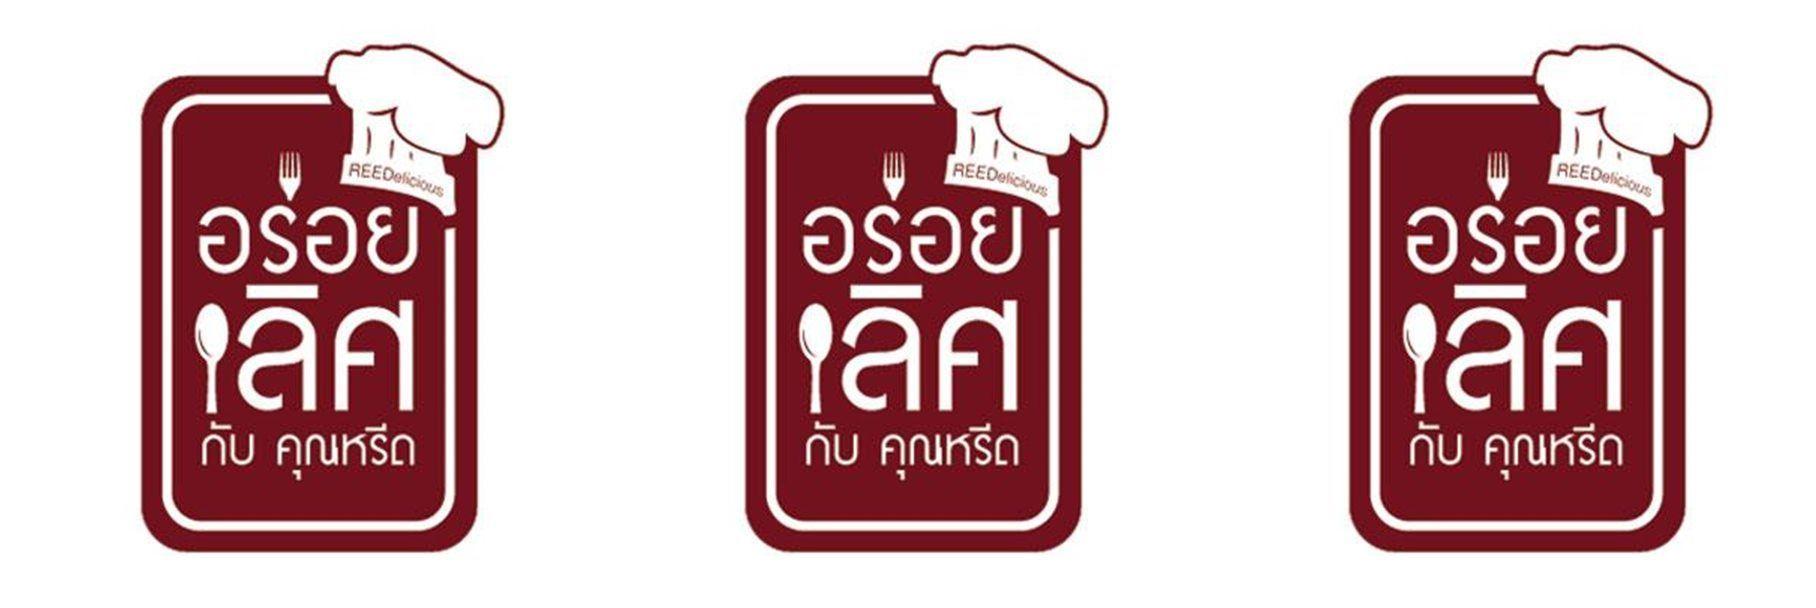 ดูละครย้อนหลัง อาหารเหนือ ไว้ใจ คุ้มเวียงยอง จ.เชียงใหม่ | อร่อยเลิศกับคุณหรีด I 29 เม.ย. 62